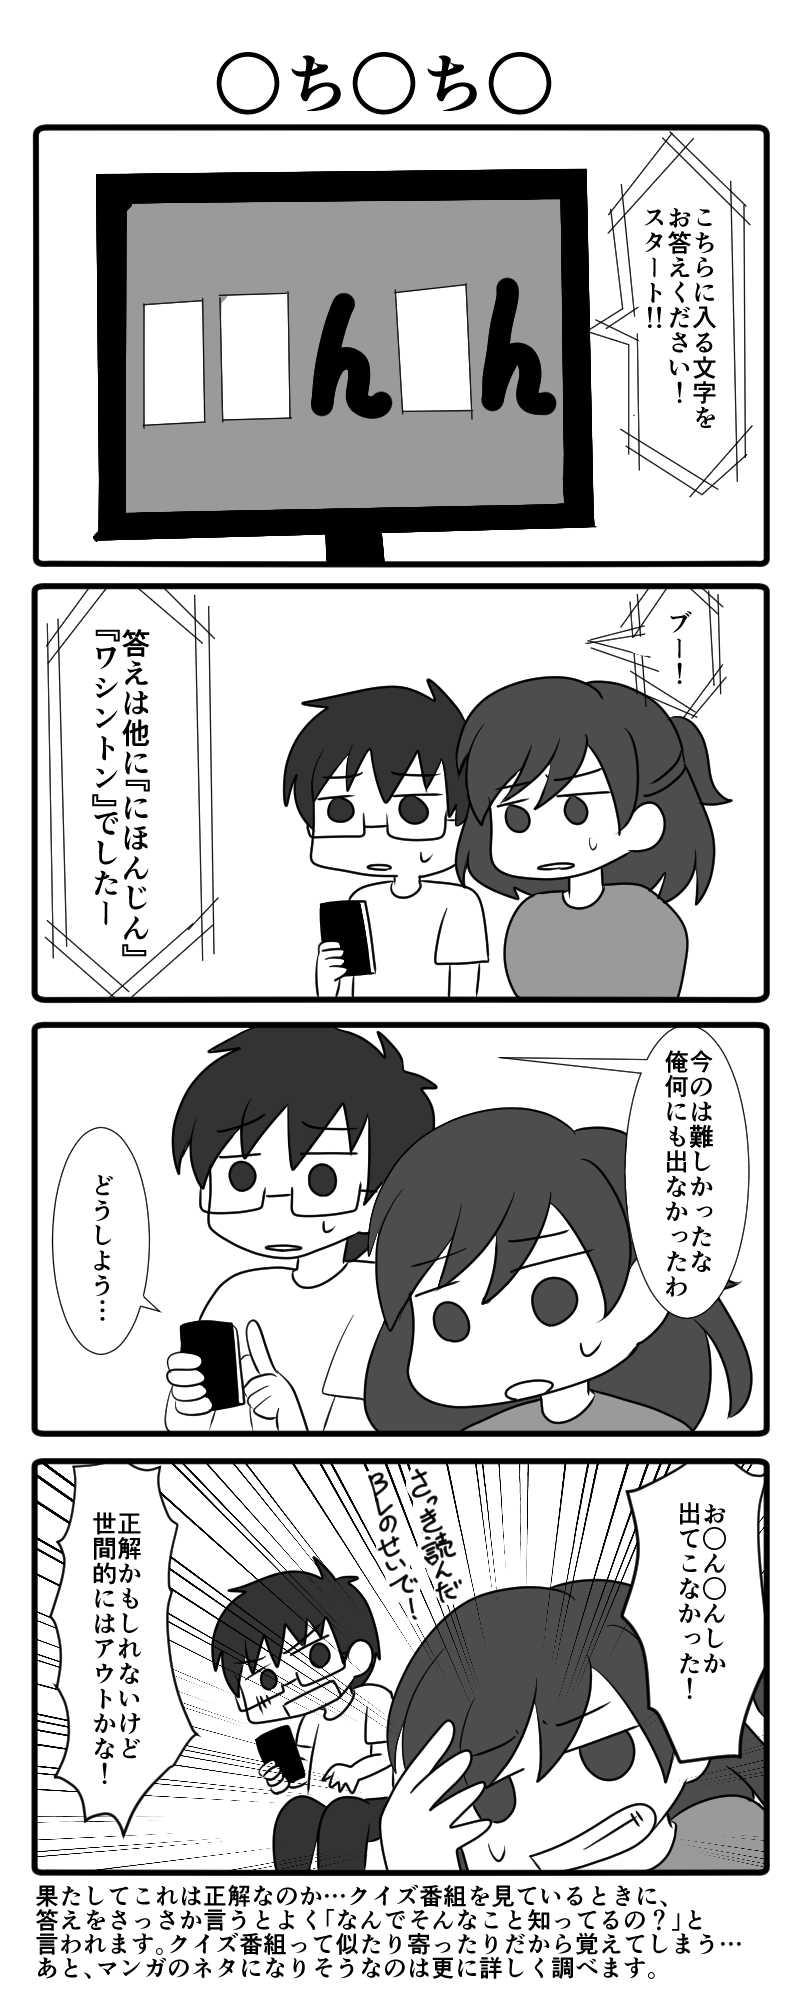 ○ち○ち○